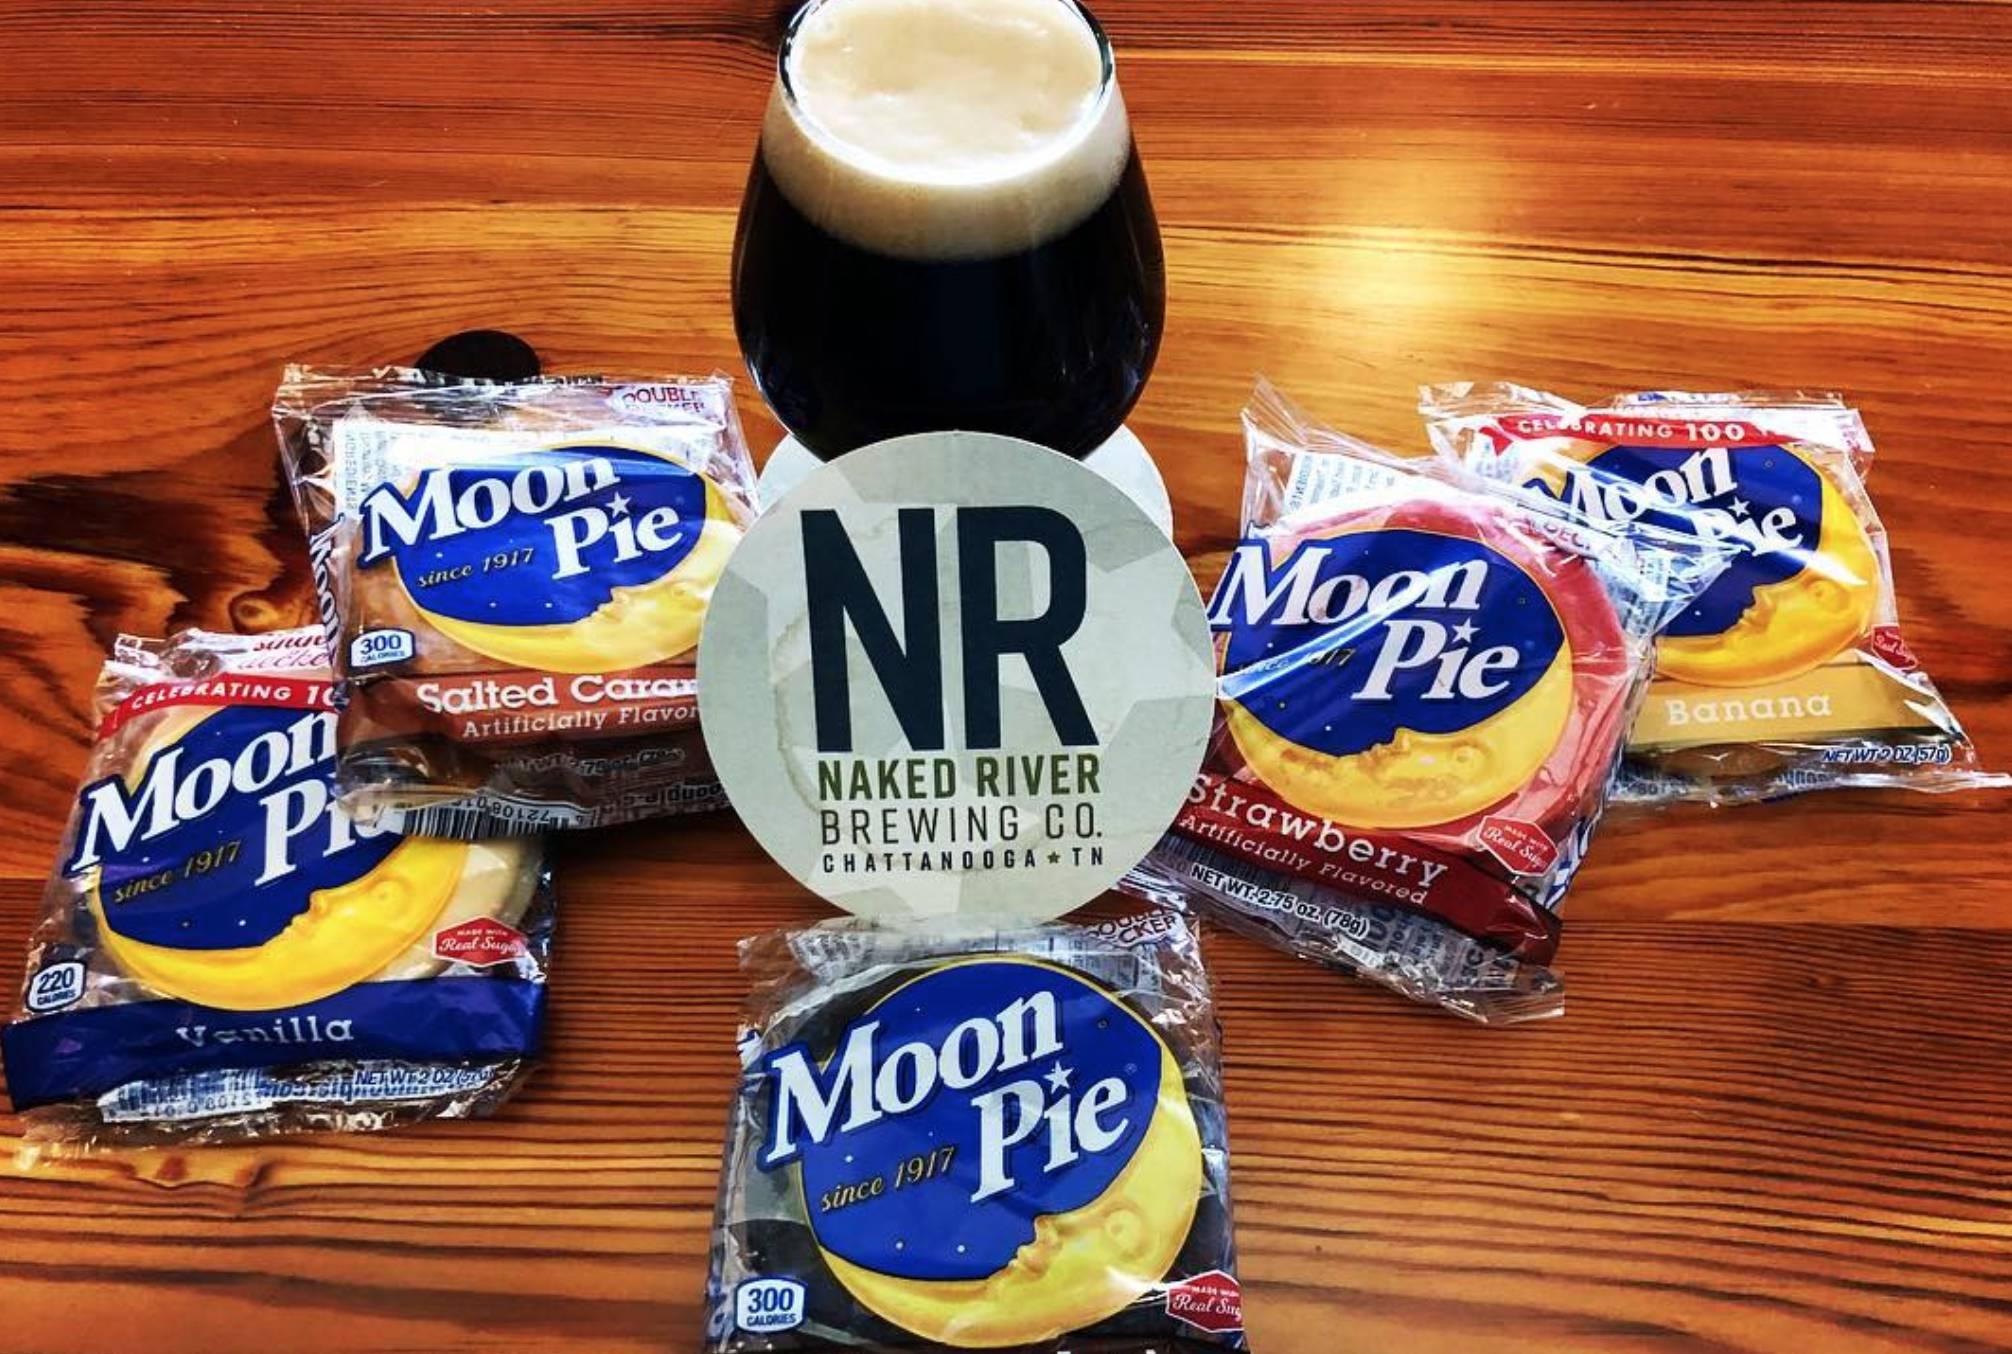 Moon Pie Monday